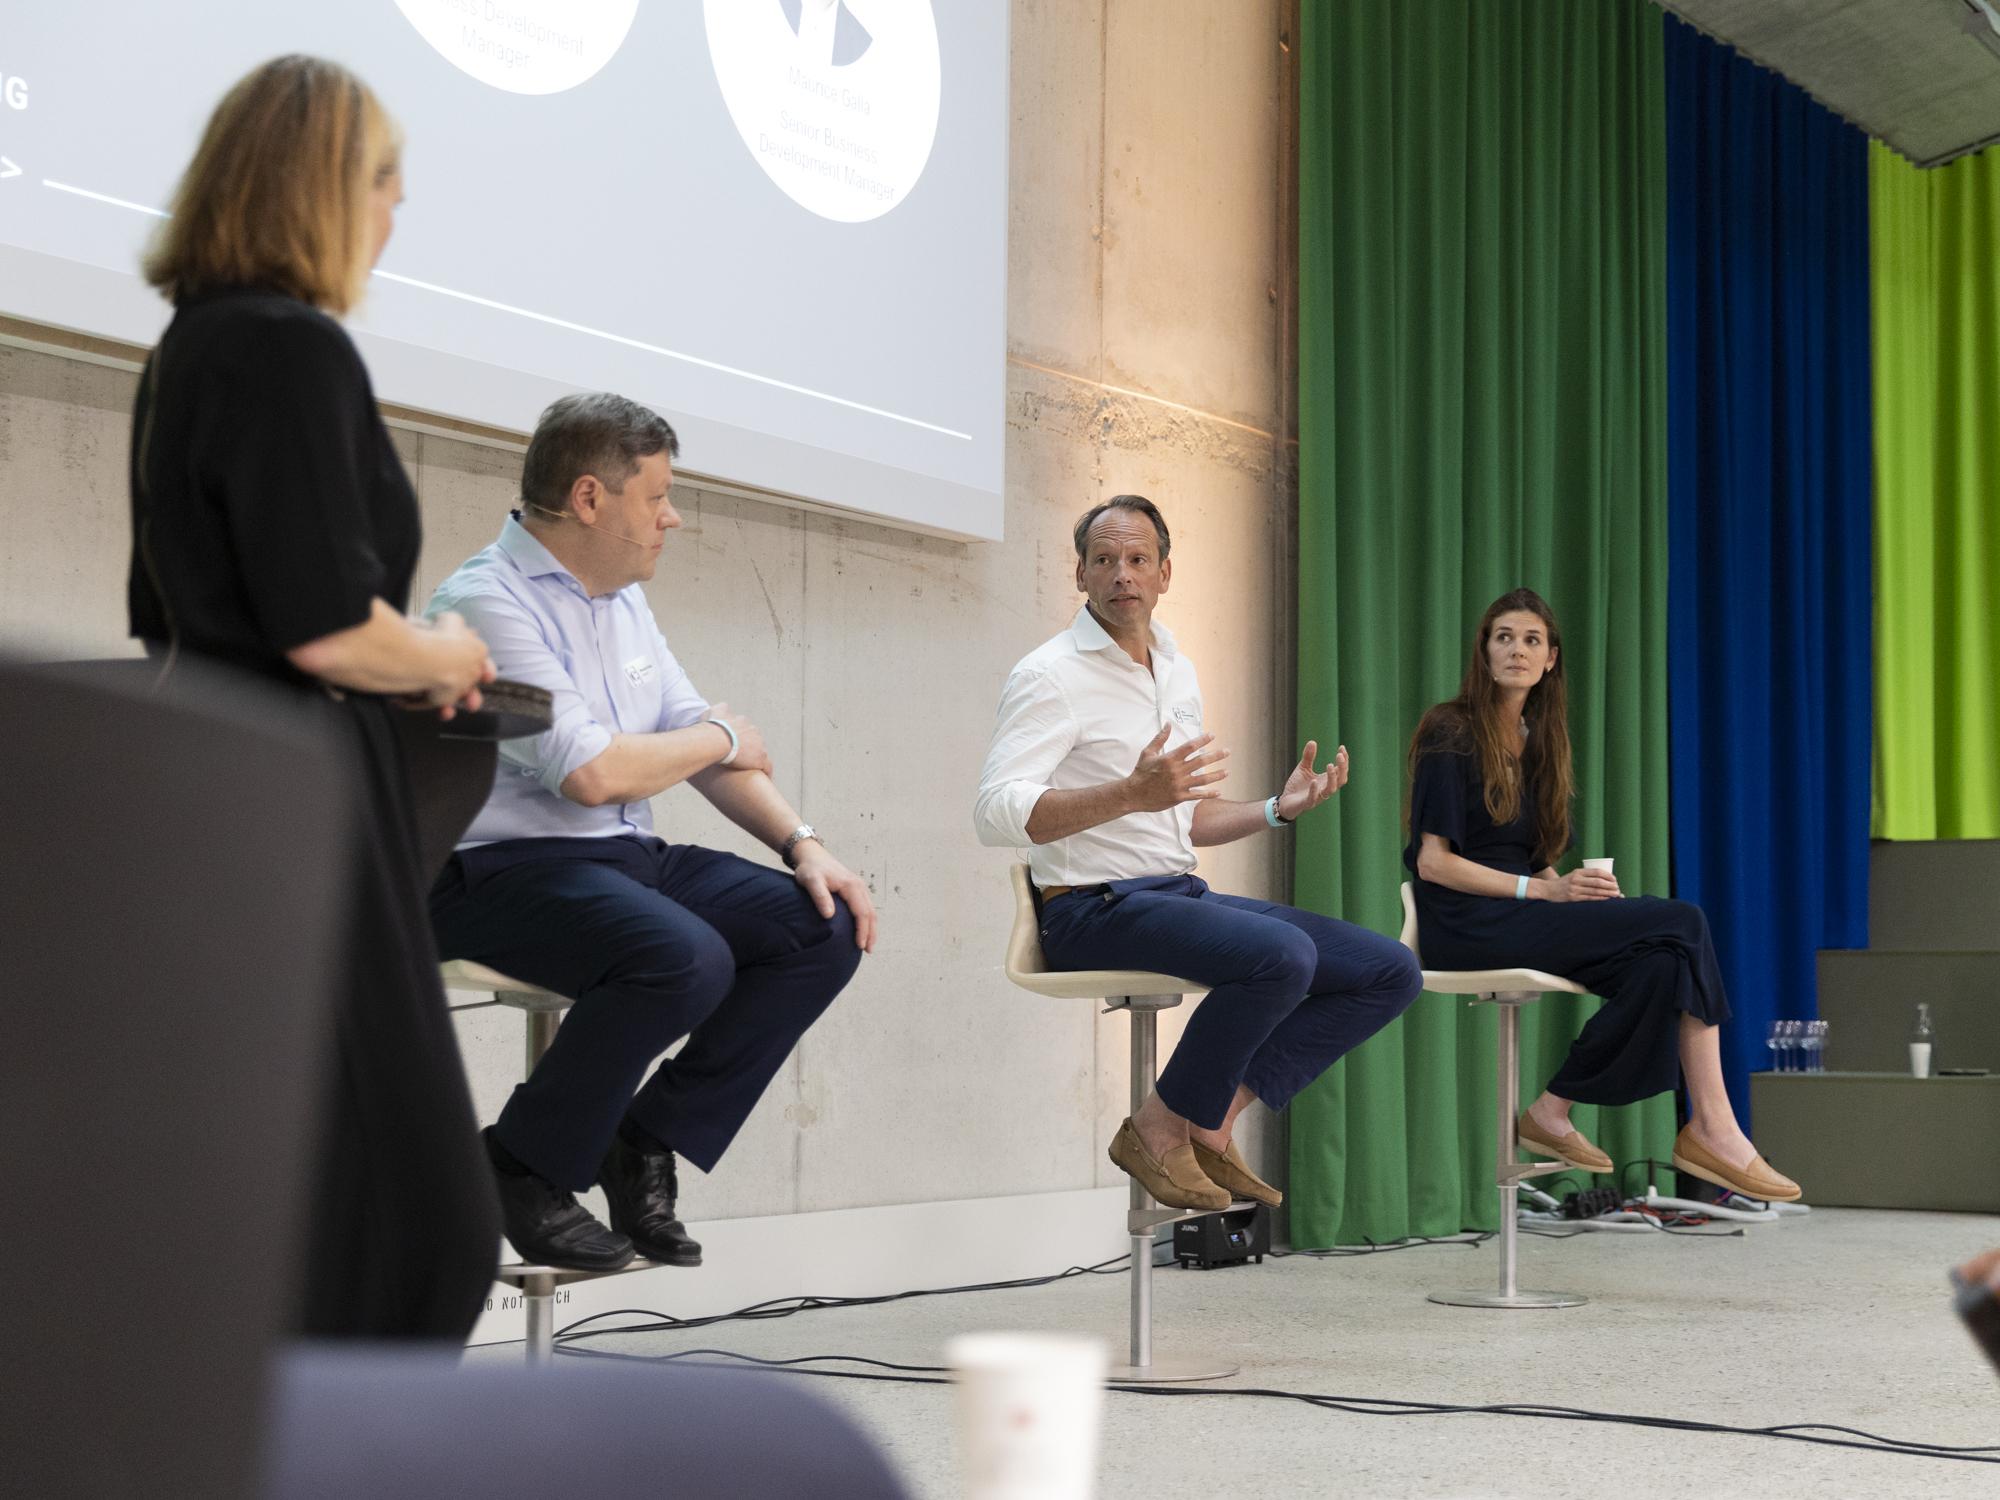 CoFof 6 -Impact Investeren: Hoe te sturen op een Innovatiever & Duurzamer Nederland?